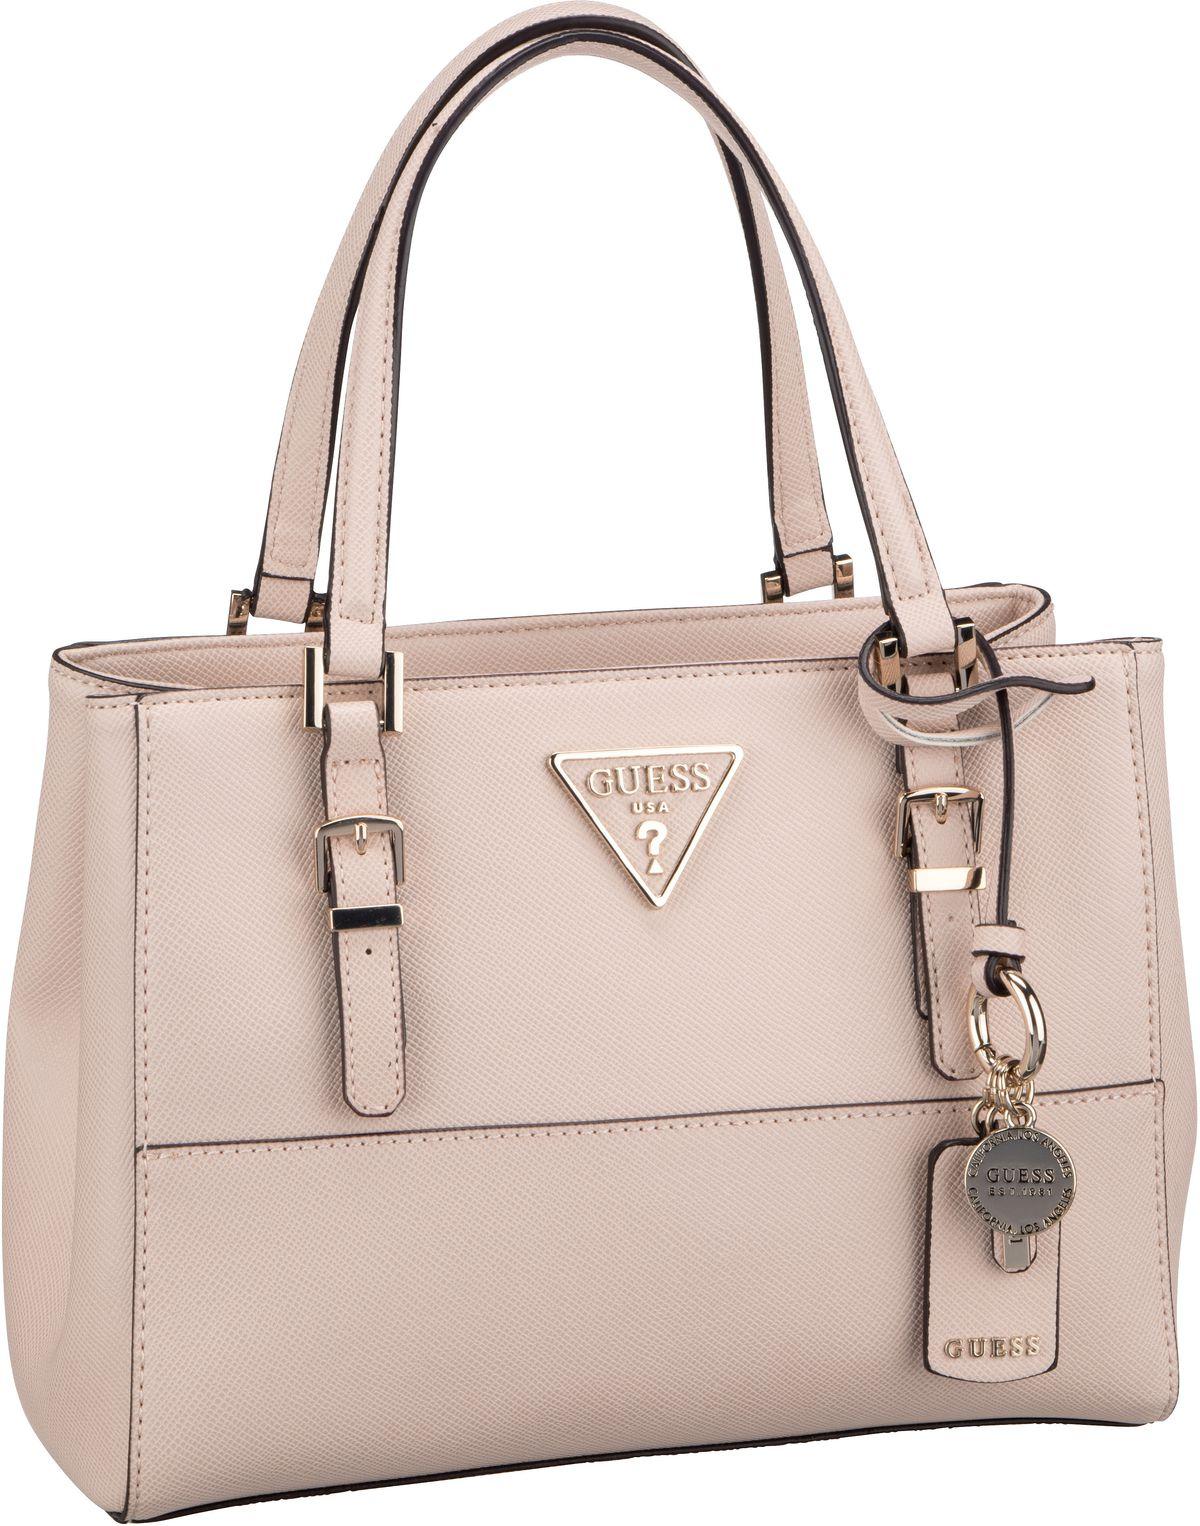 Handtasche Carys Satchel Blush